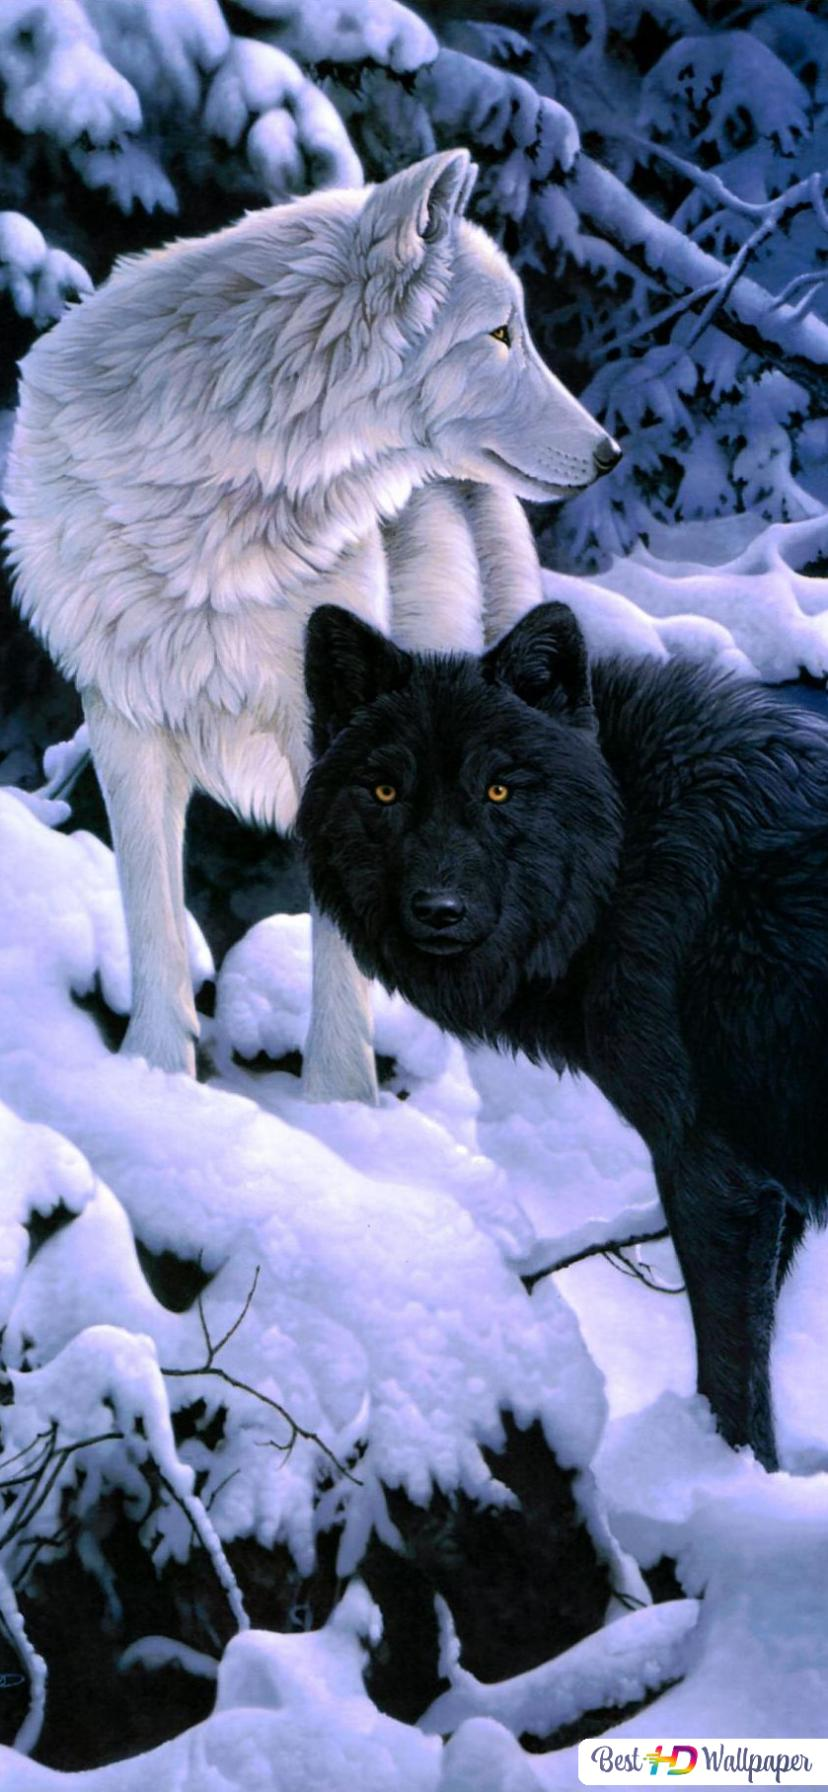 冬の森でオオカミ Hd壁紙のダウンロード